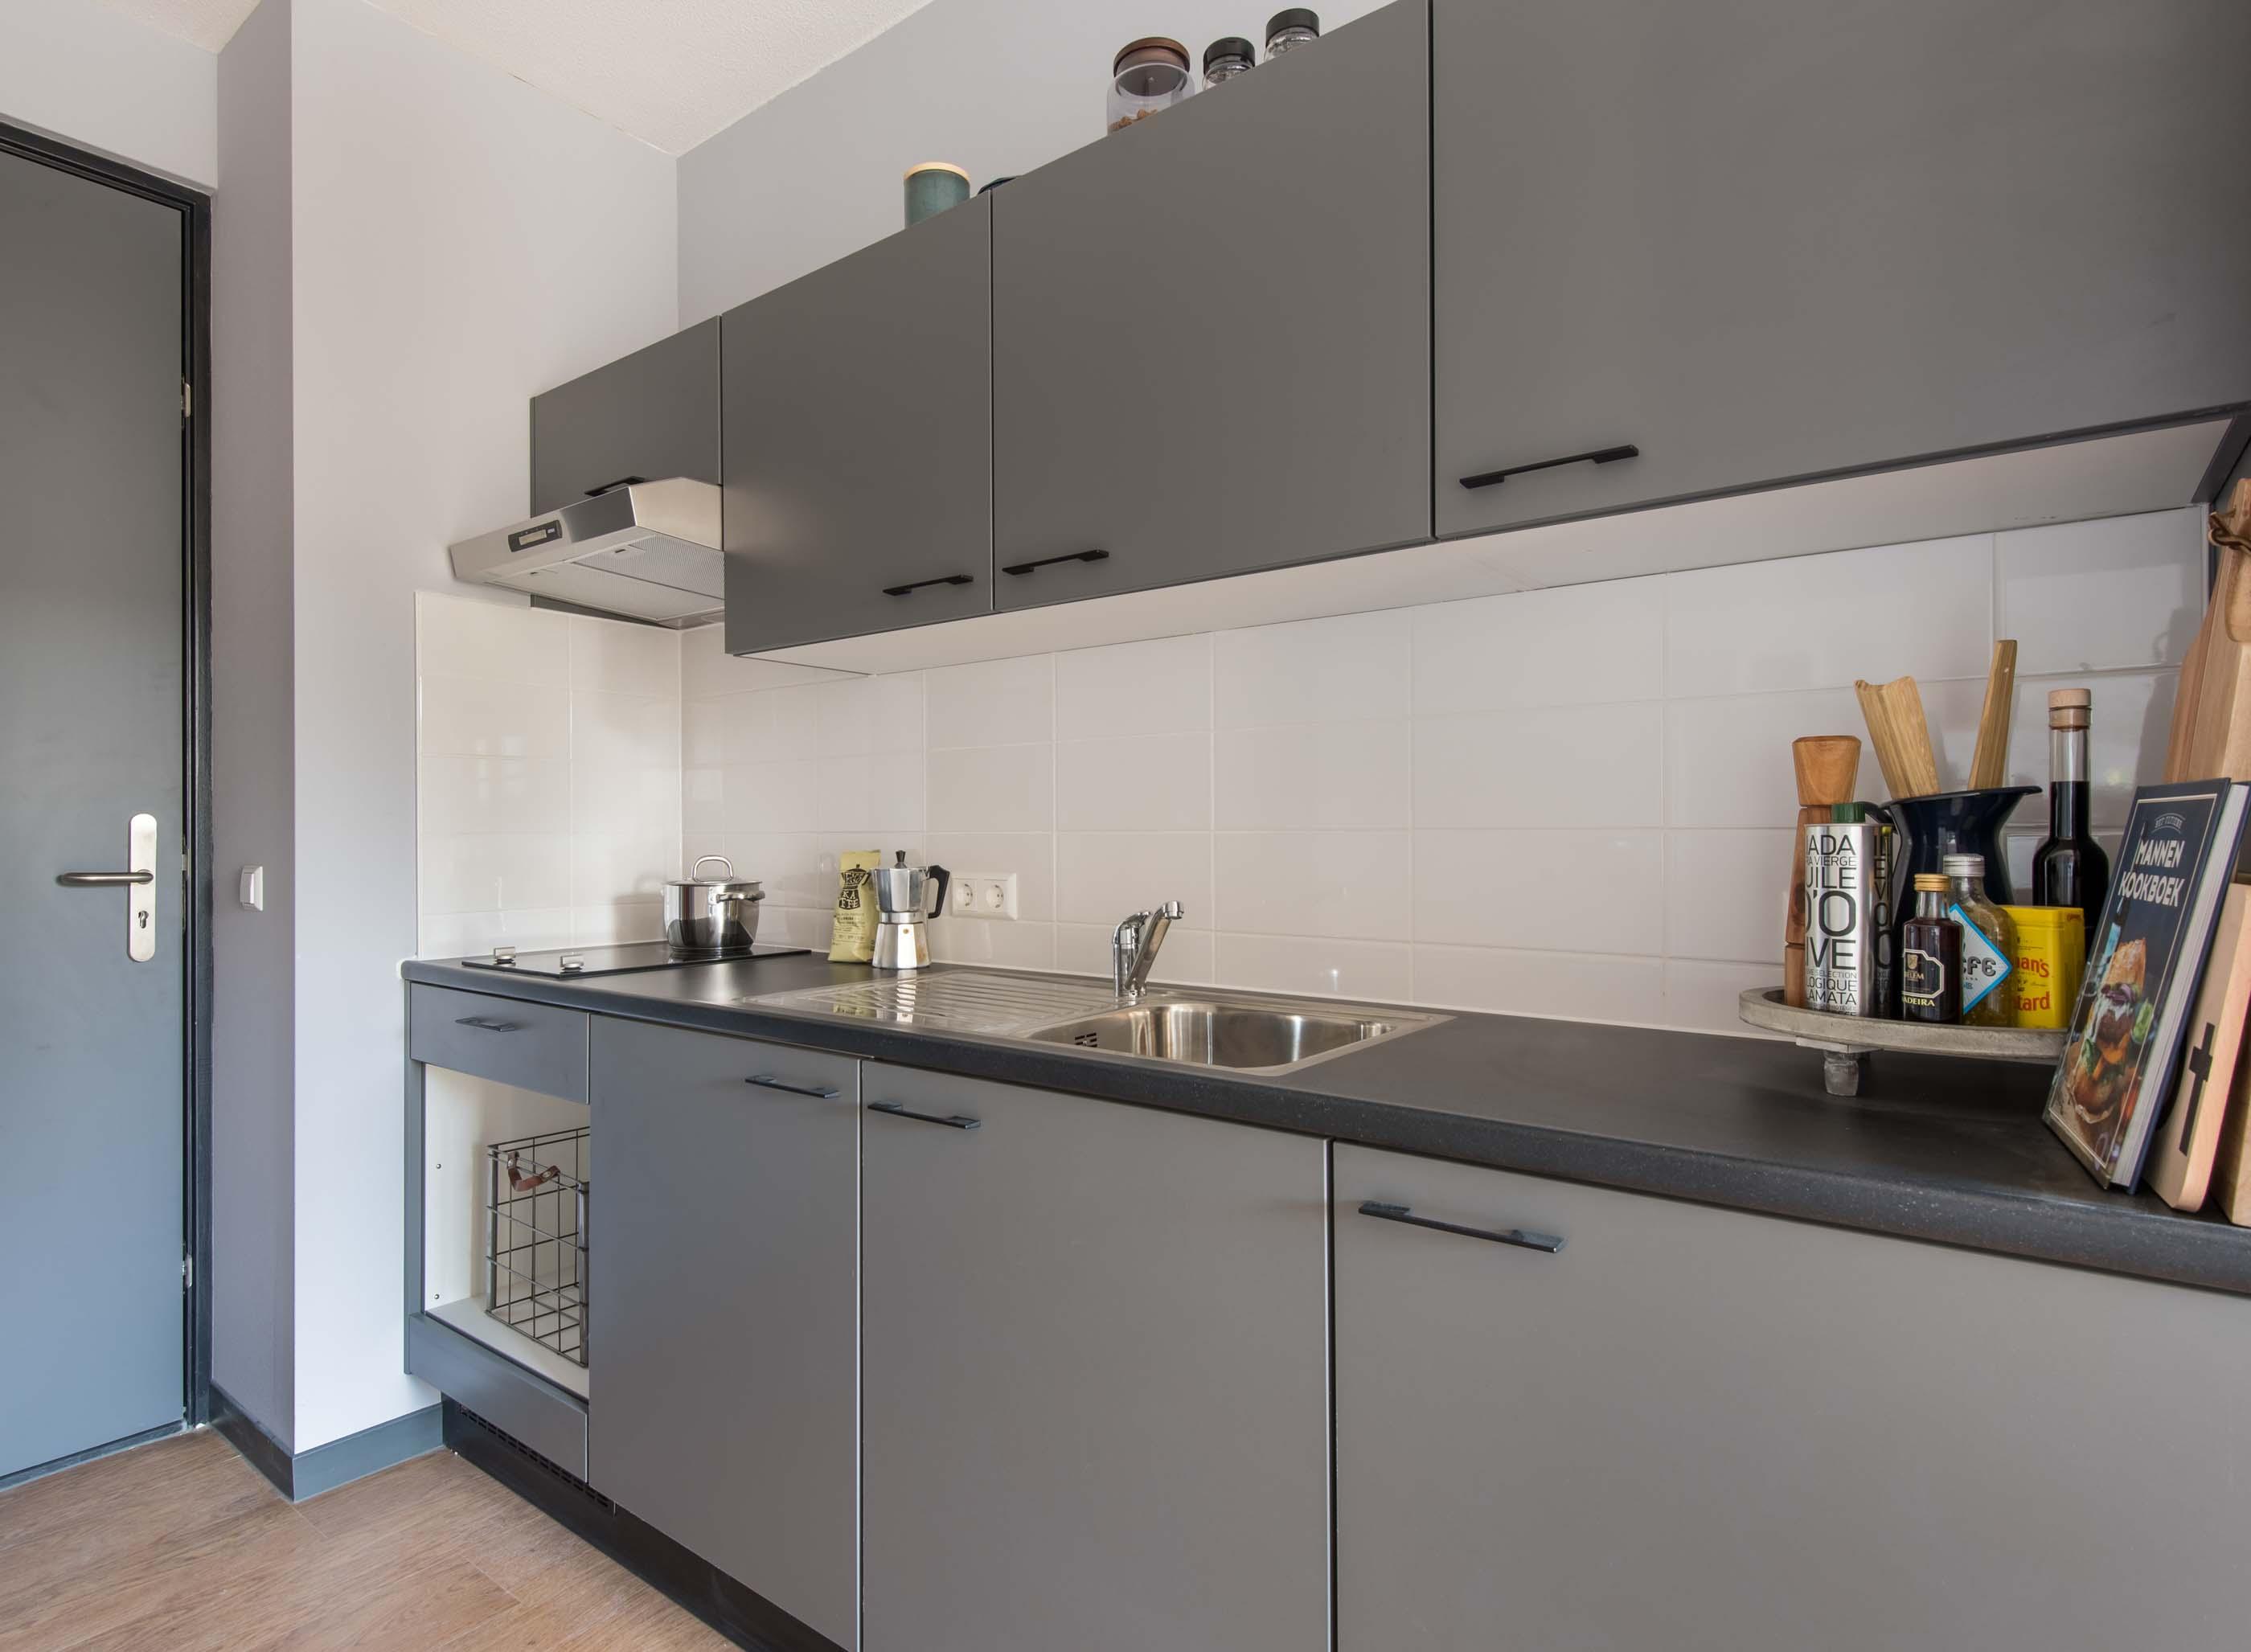 1-bedroom unfurnished apartment in OurDomain Amsterdam Diemen -kitchen